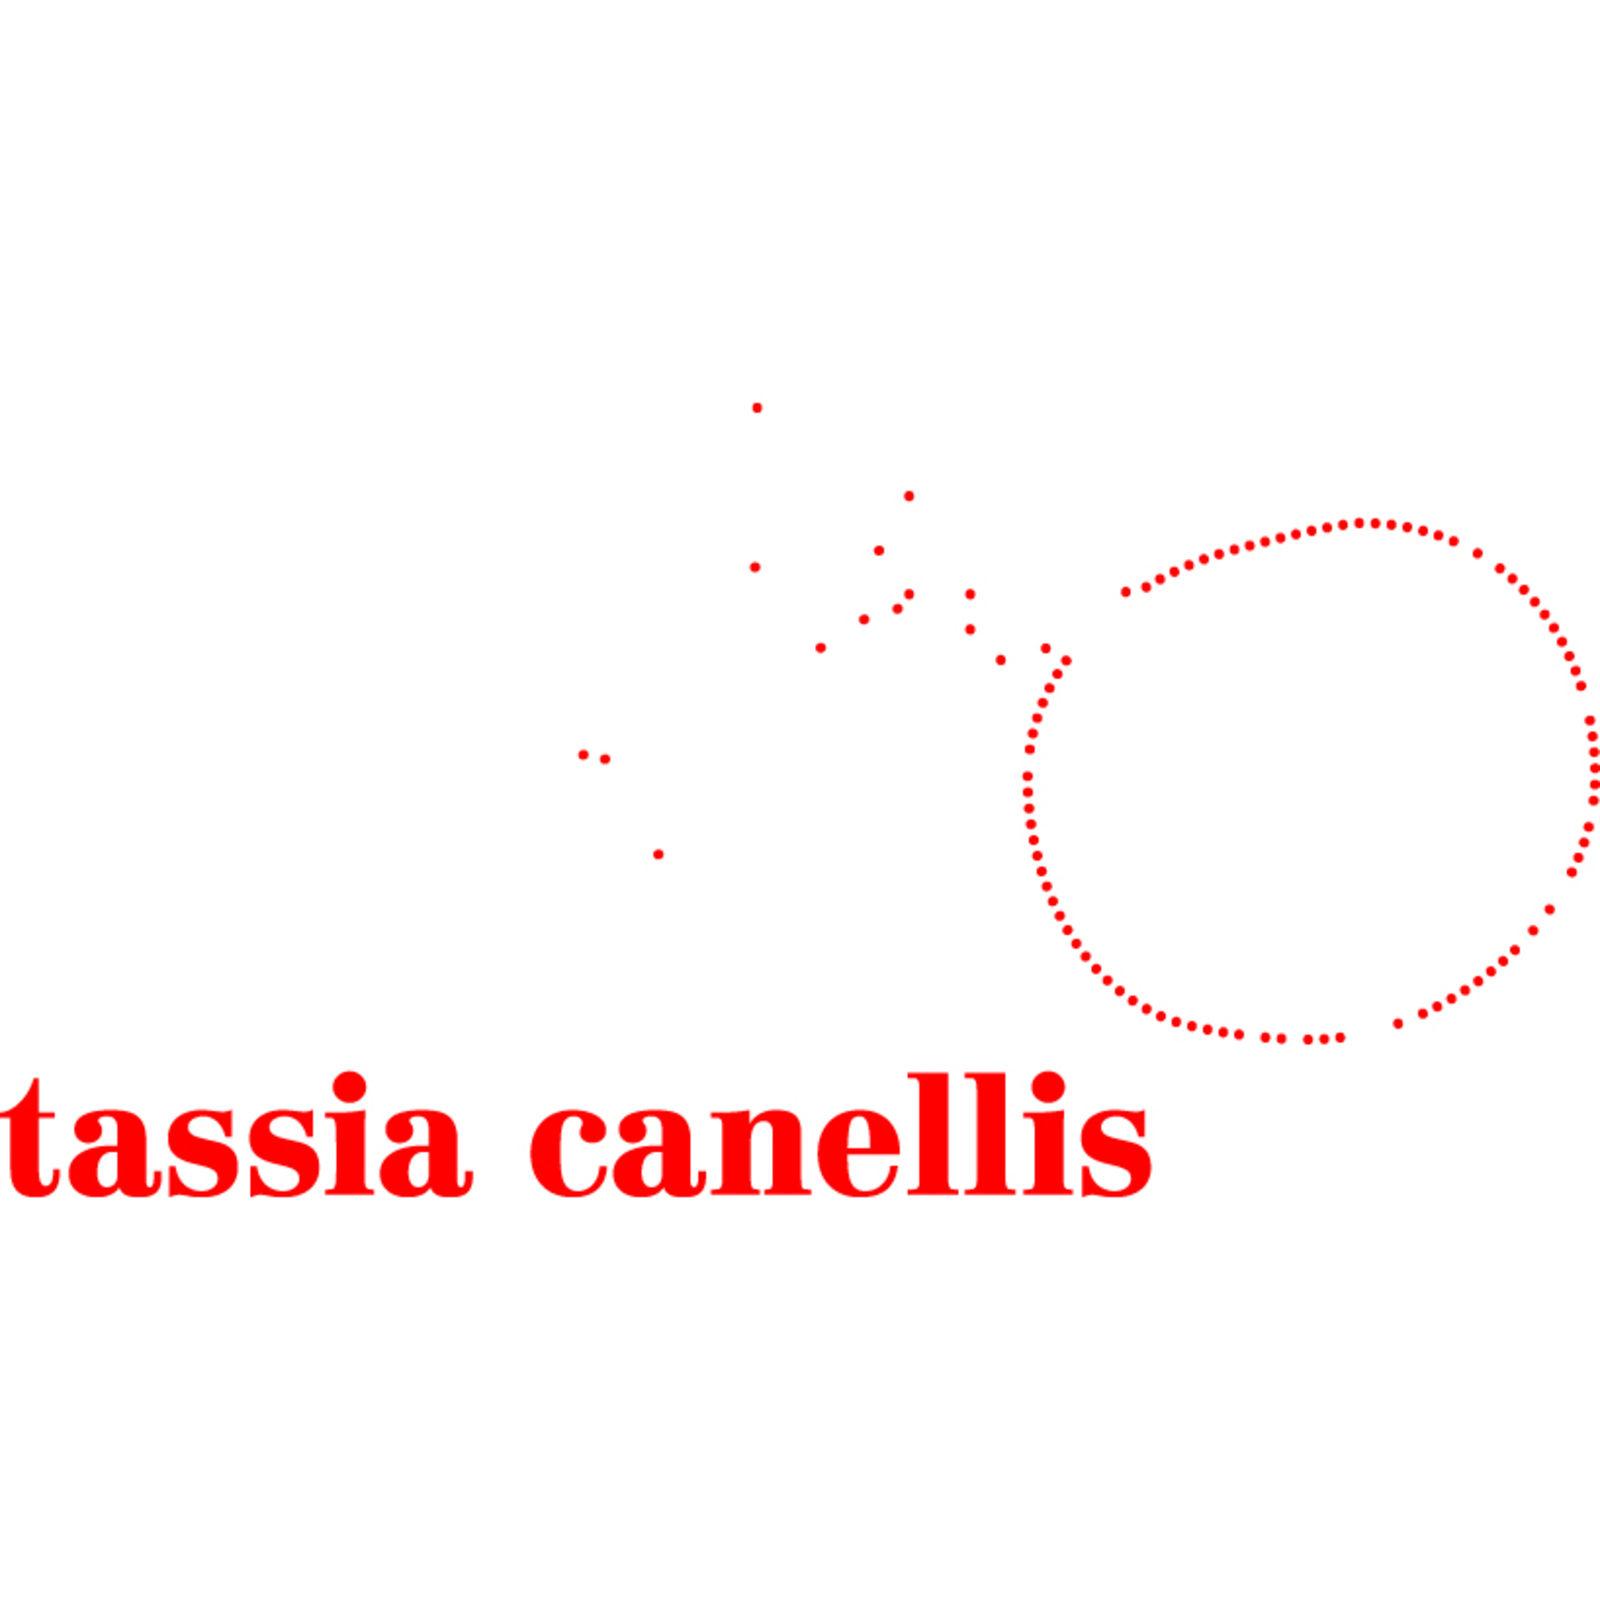 Tassia Canellis (Bild 1)